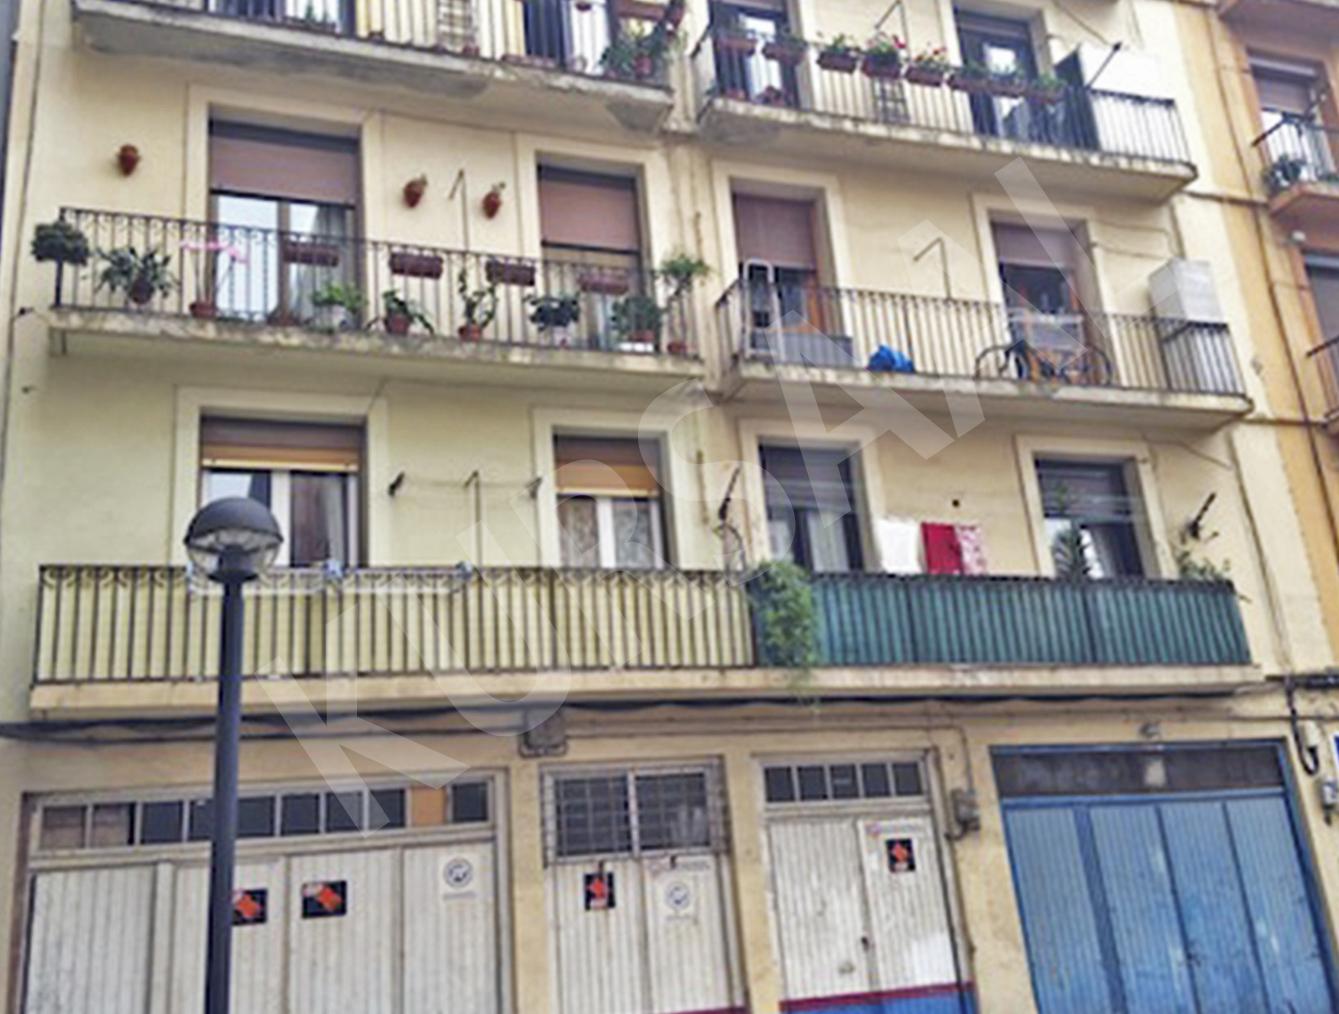 foto 7 - Aislamientos Térmicos y Eficiencia Energética-Euskadi Etorbidea, 51-PASAIA, GIPUZKOA